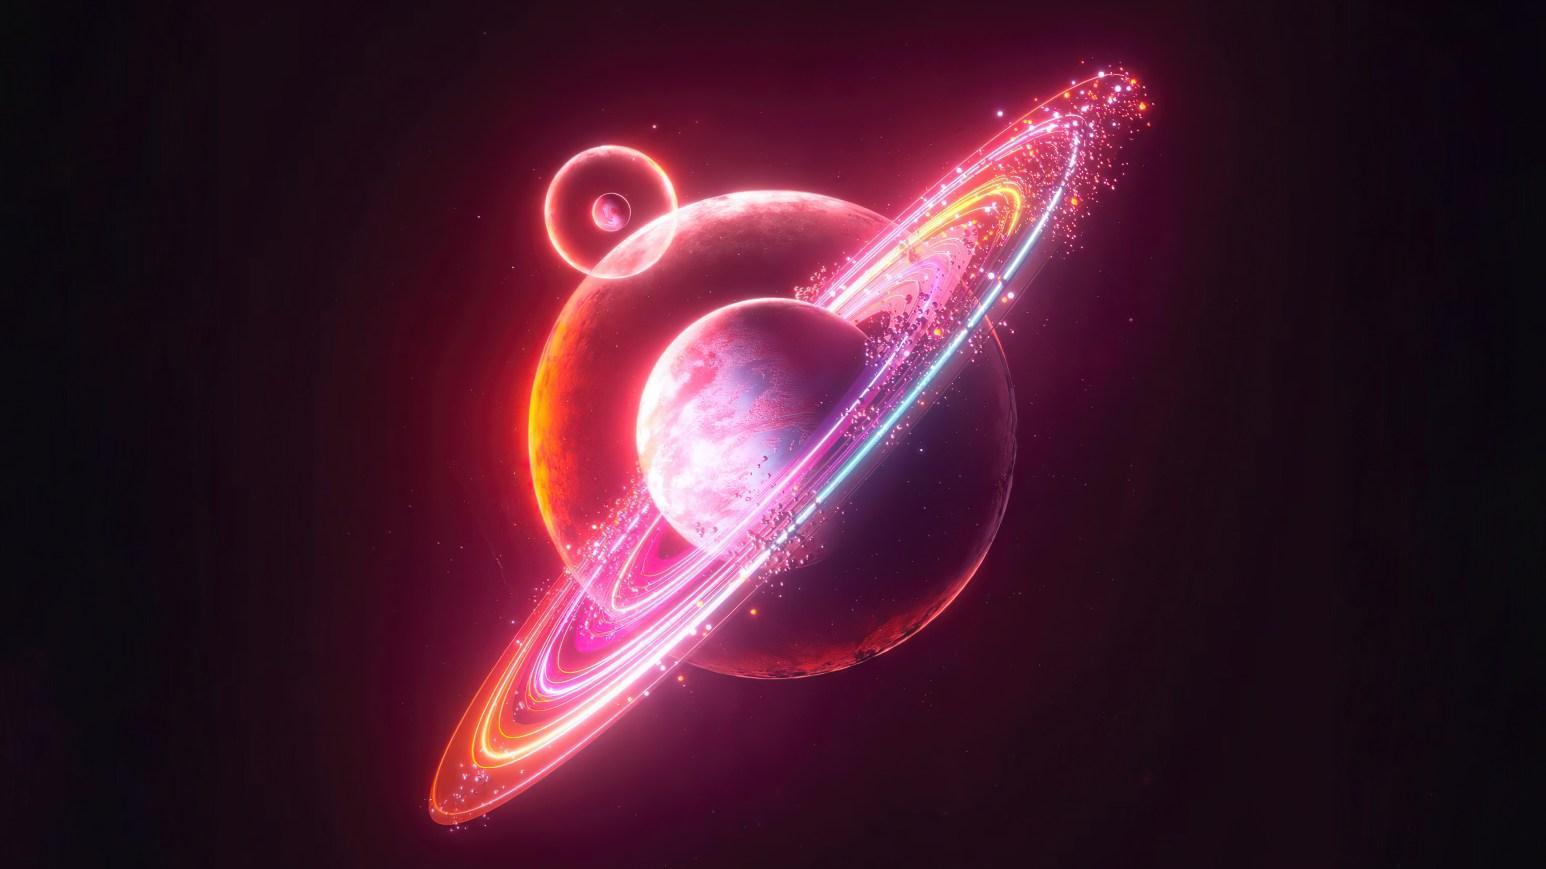 Neon Planet 3840x2160